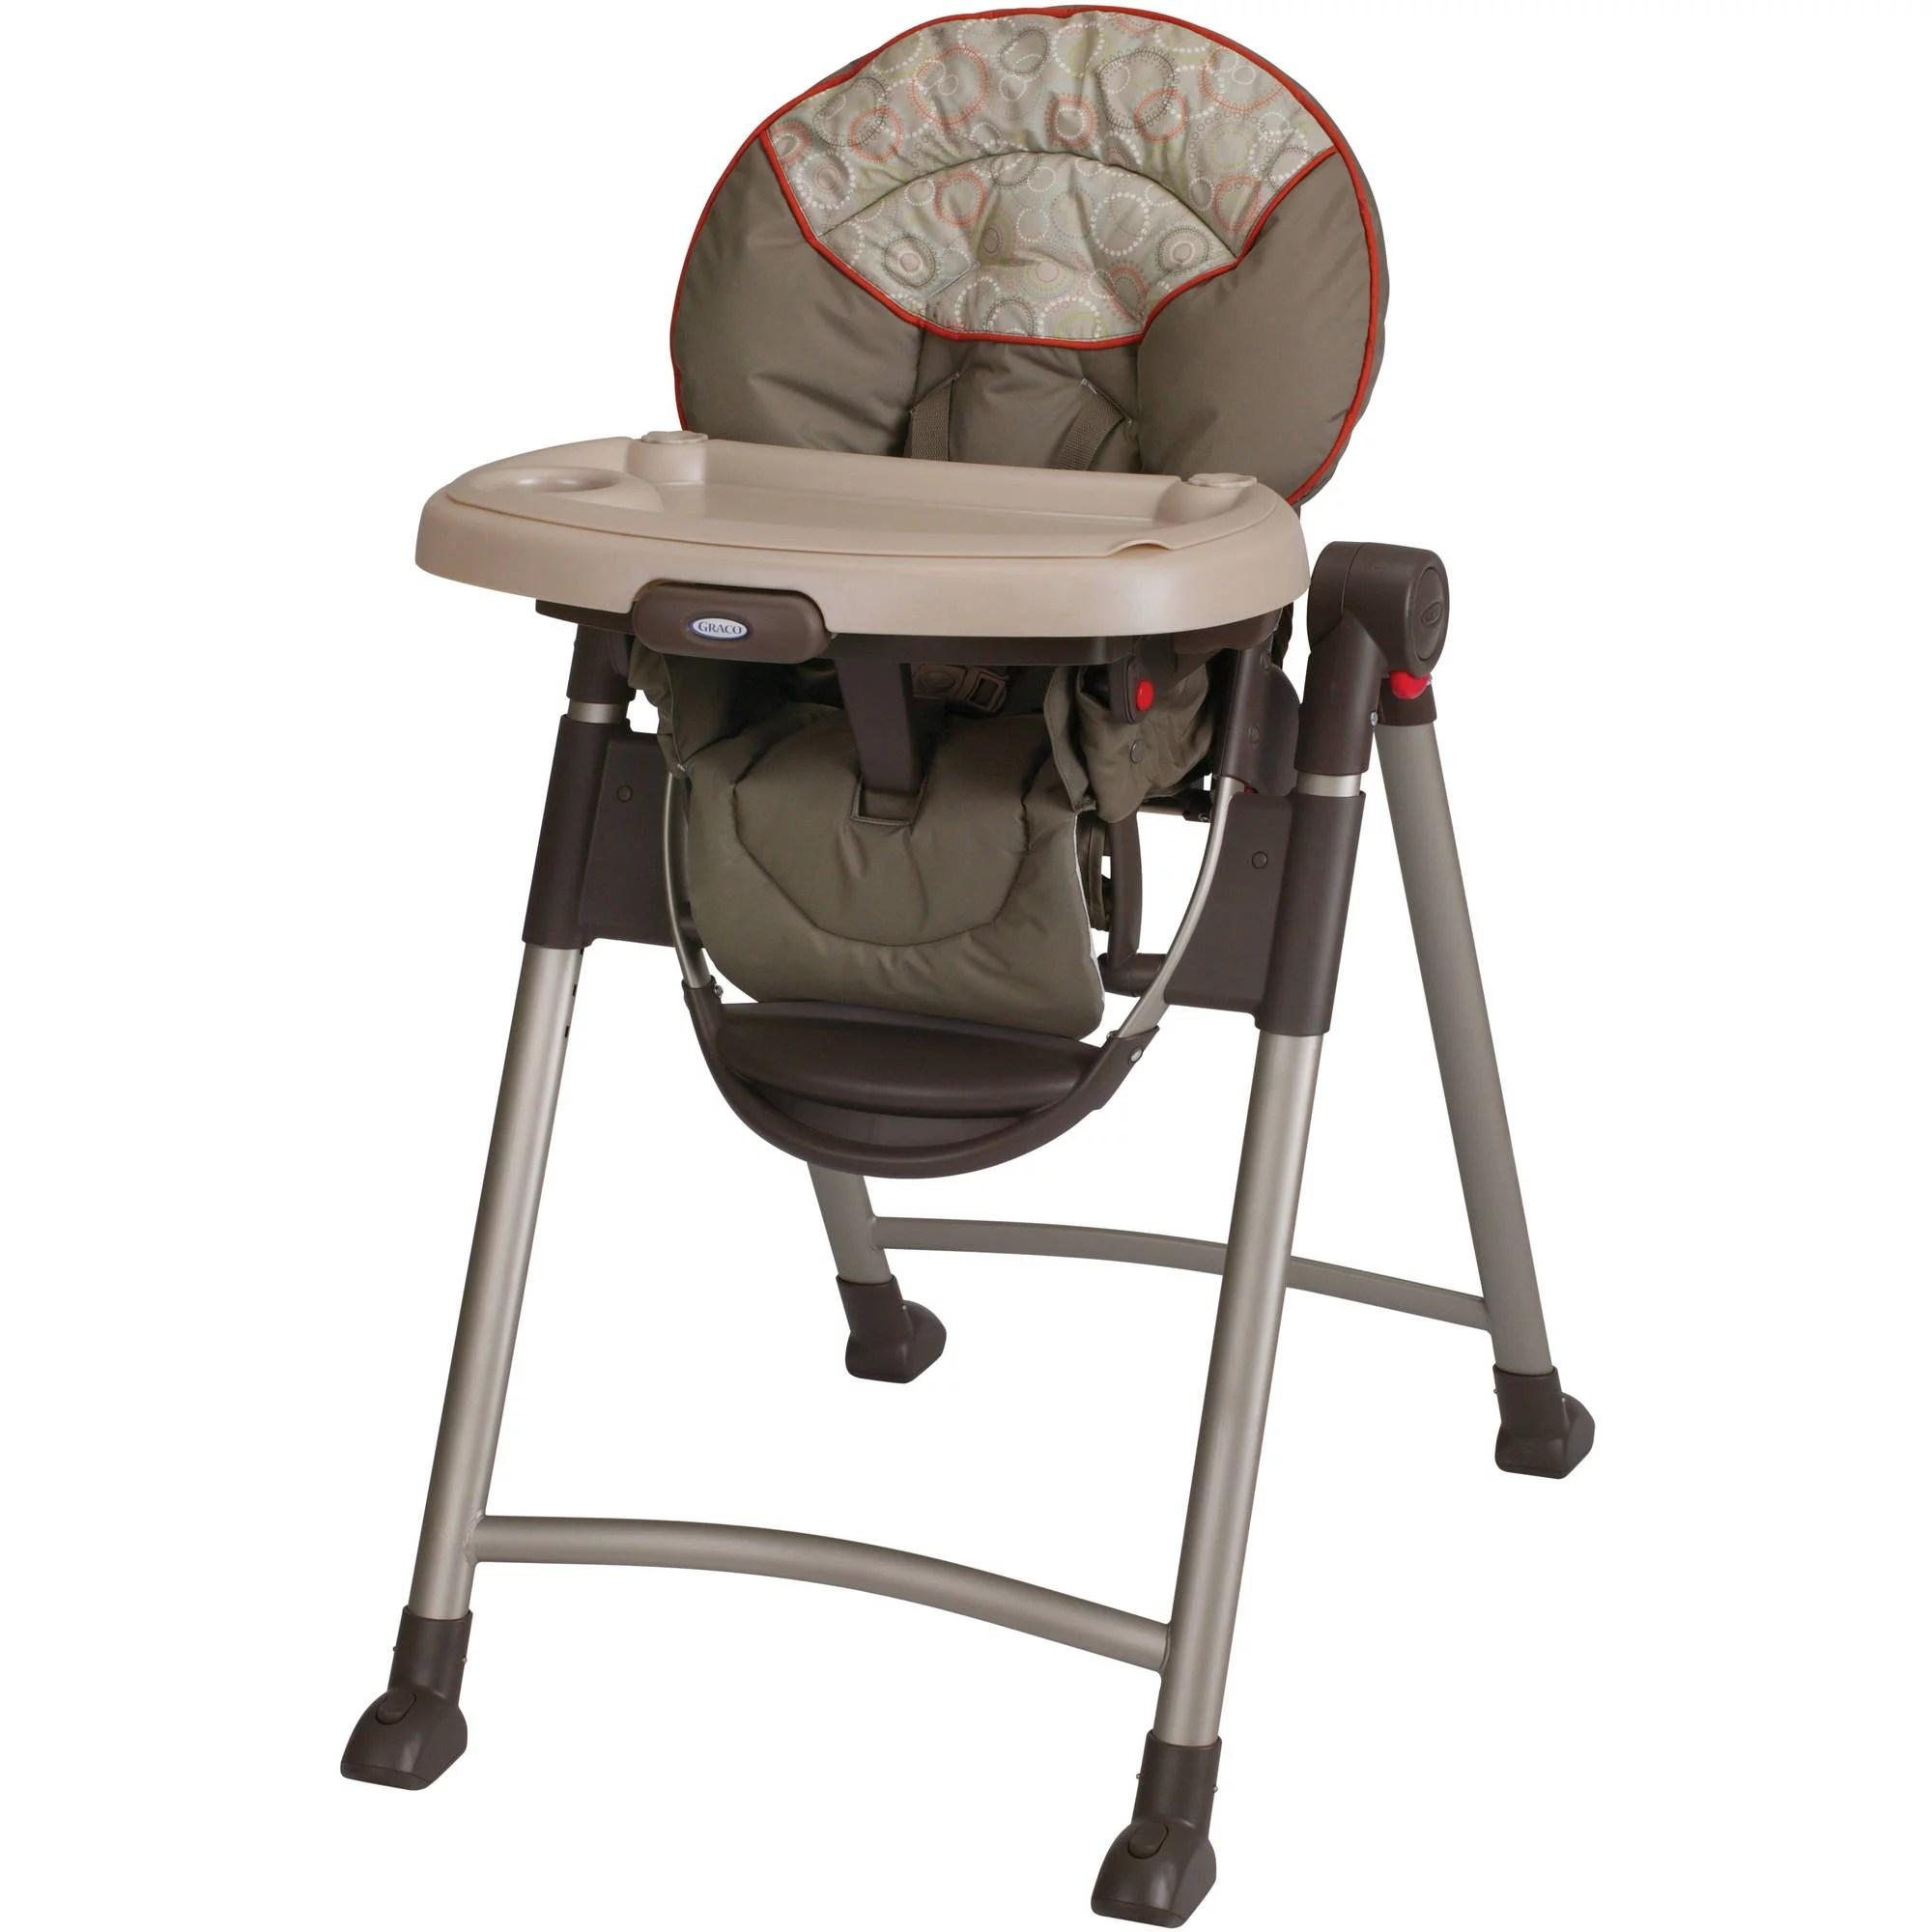 Graco Space Saver High Chair